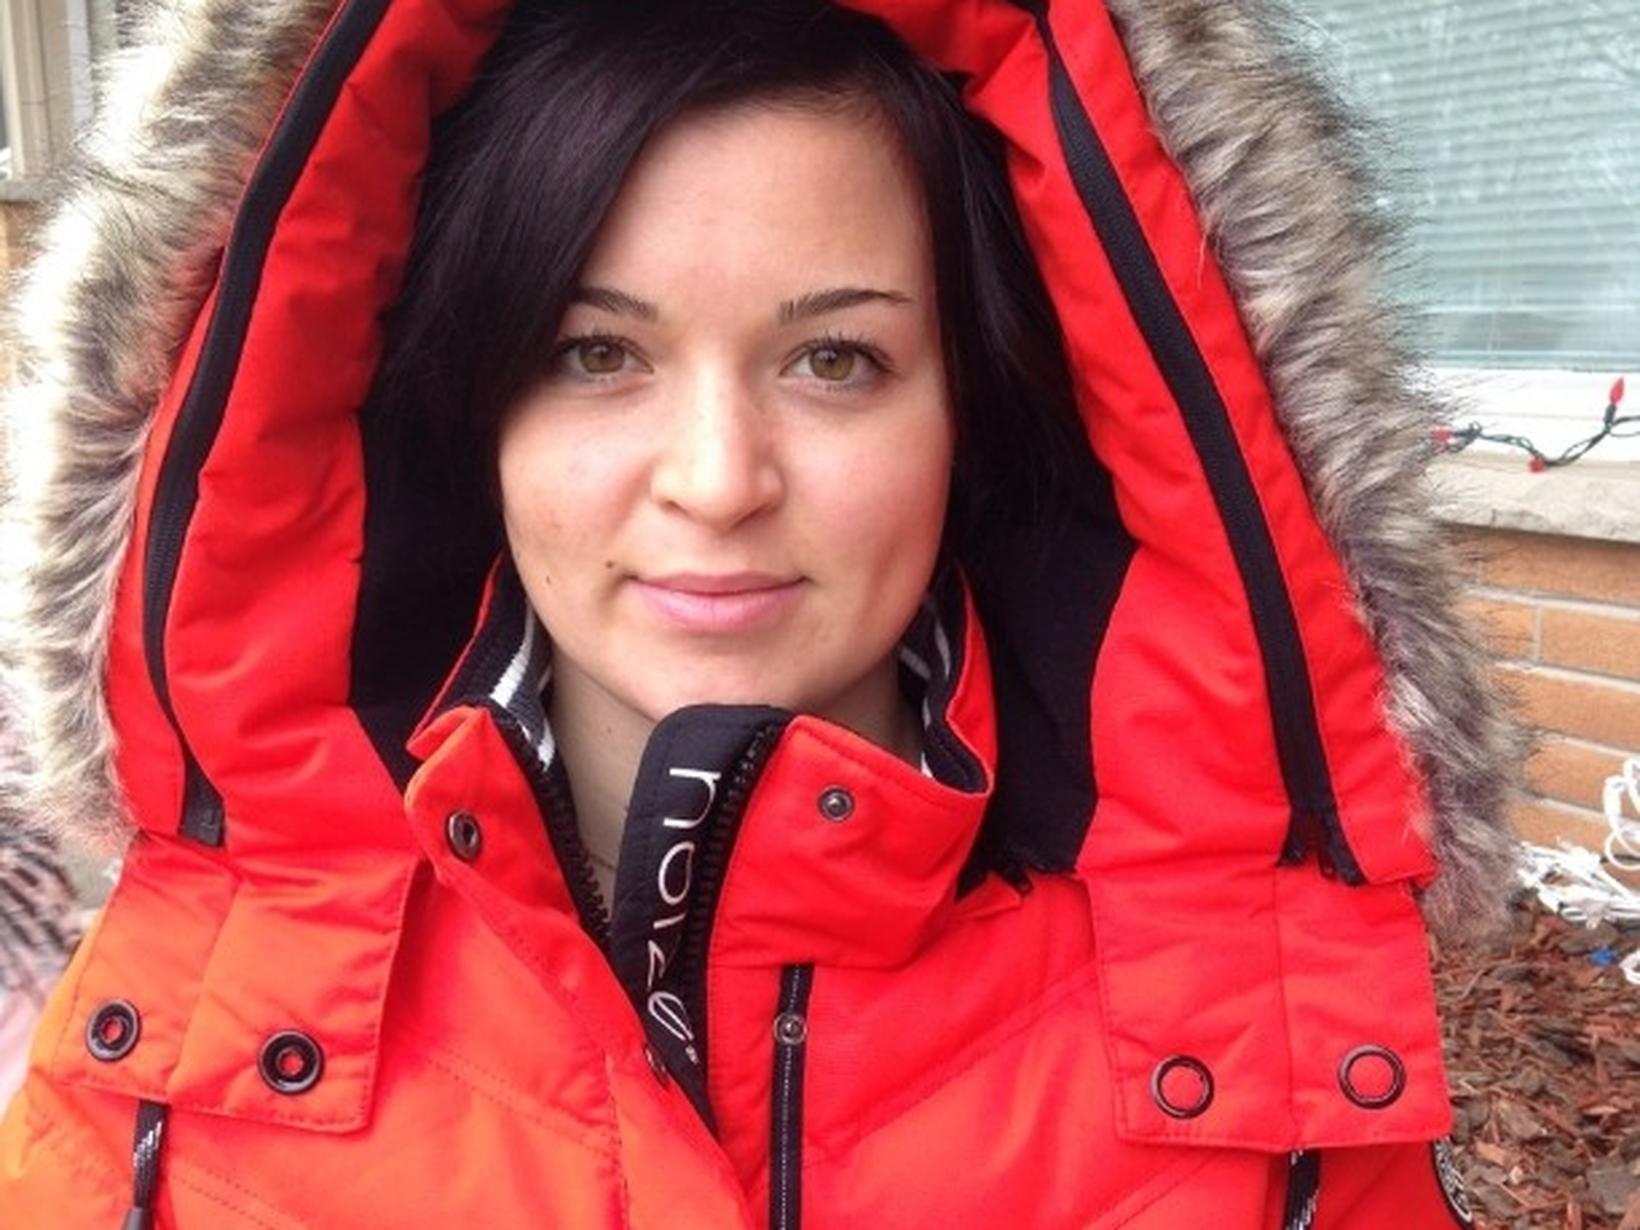 Alison from Victoria, British Columbia, Canada